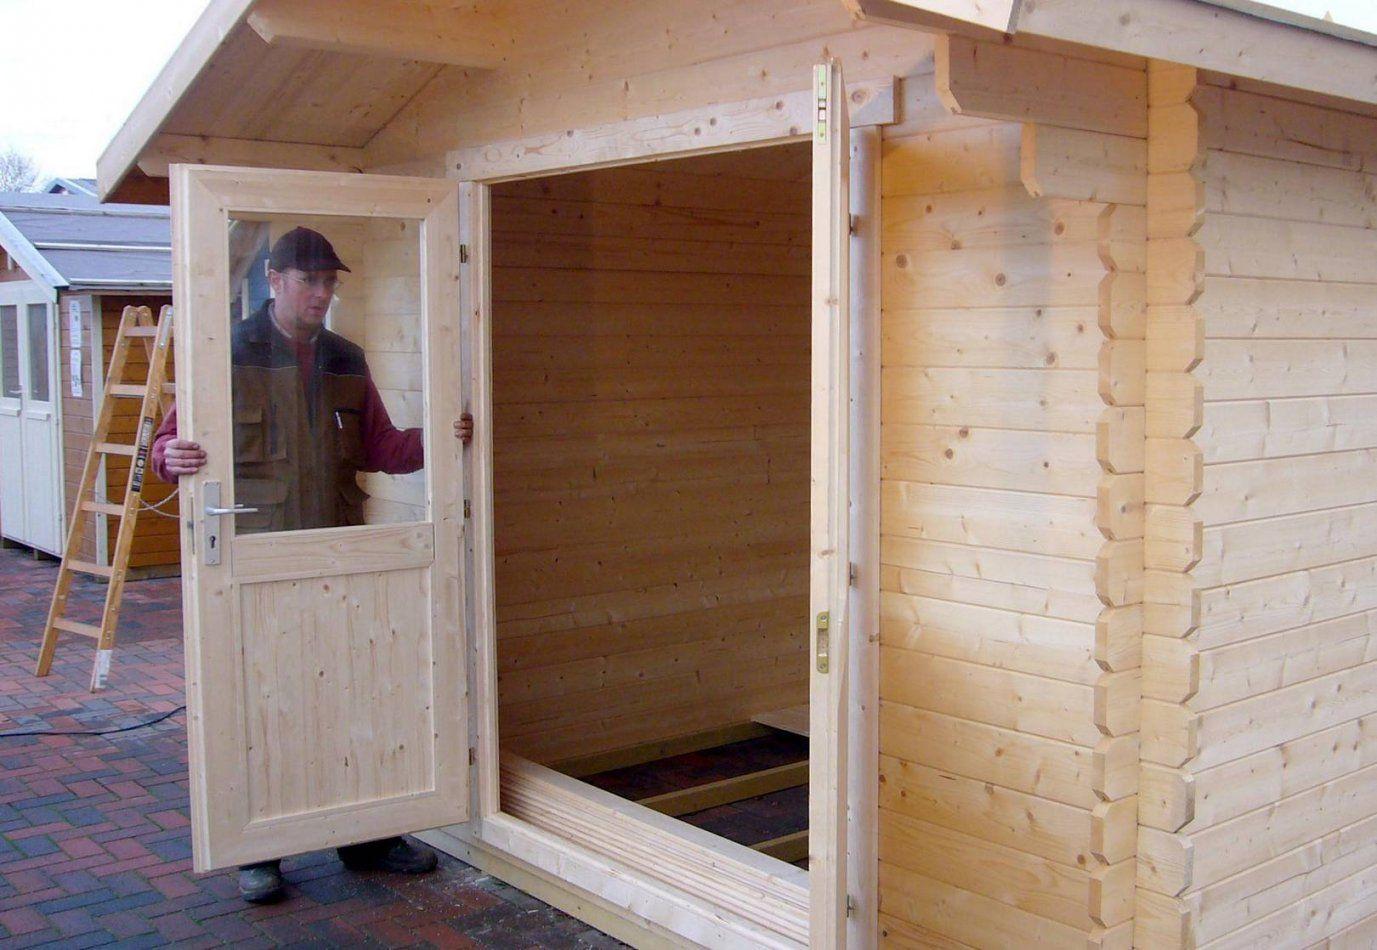 dusche im gartenhaus beautiful neu with dusche im gartenhaus elegant gartenhaus with dusche im. Black Bedroom Furniture Sets. Home Design Ideas